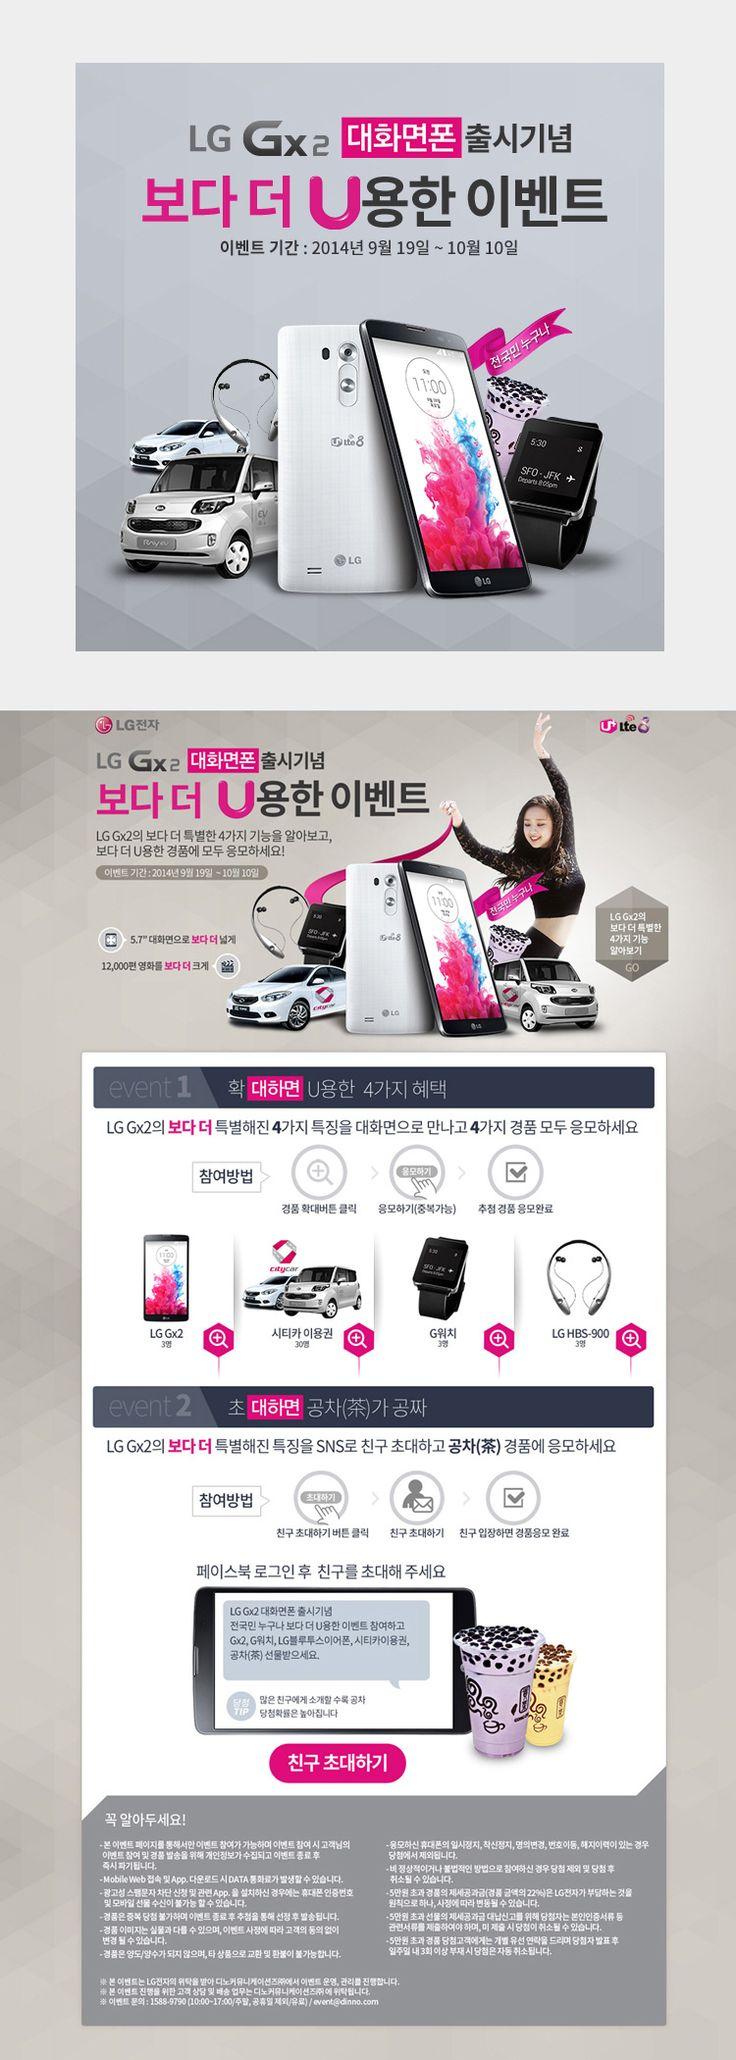 LG GX2 sp